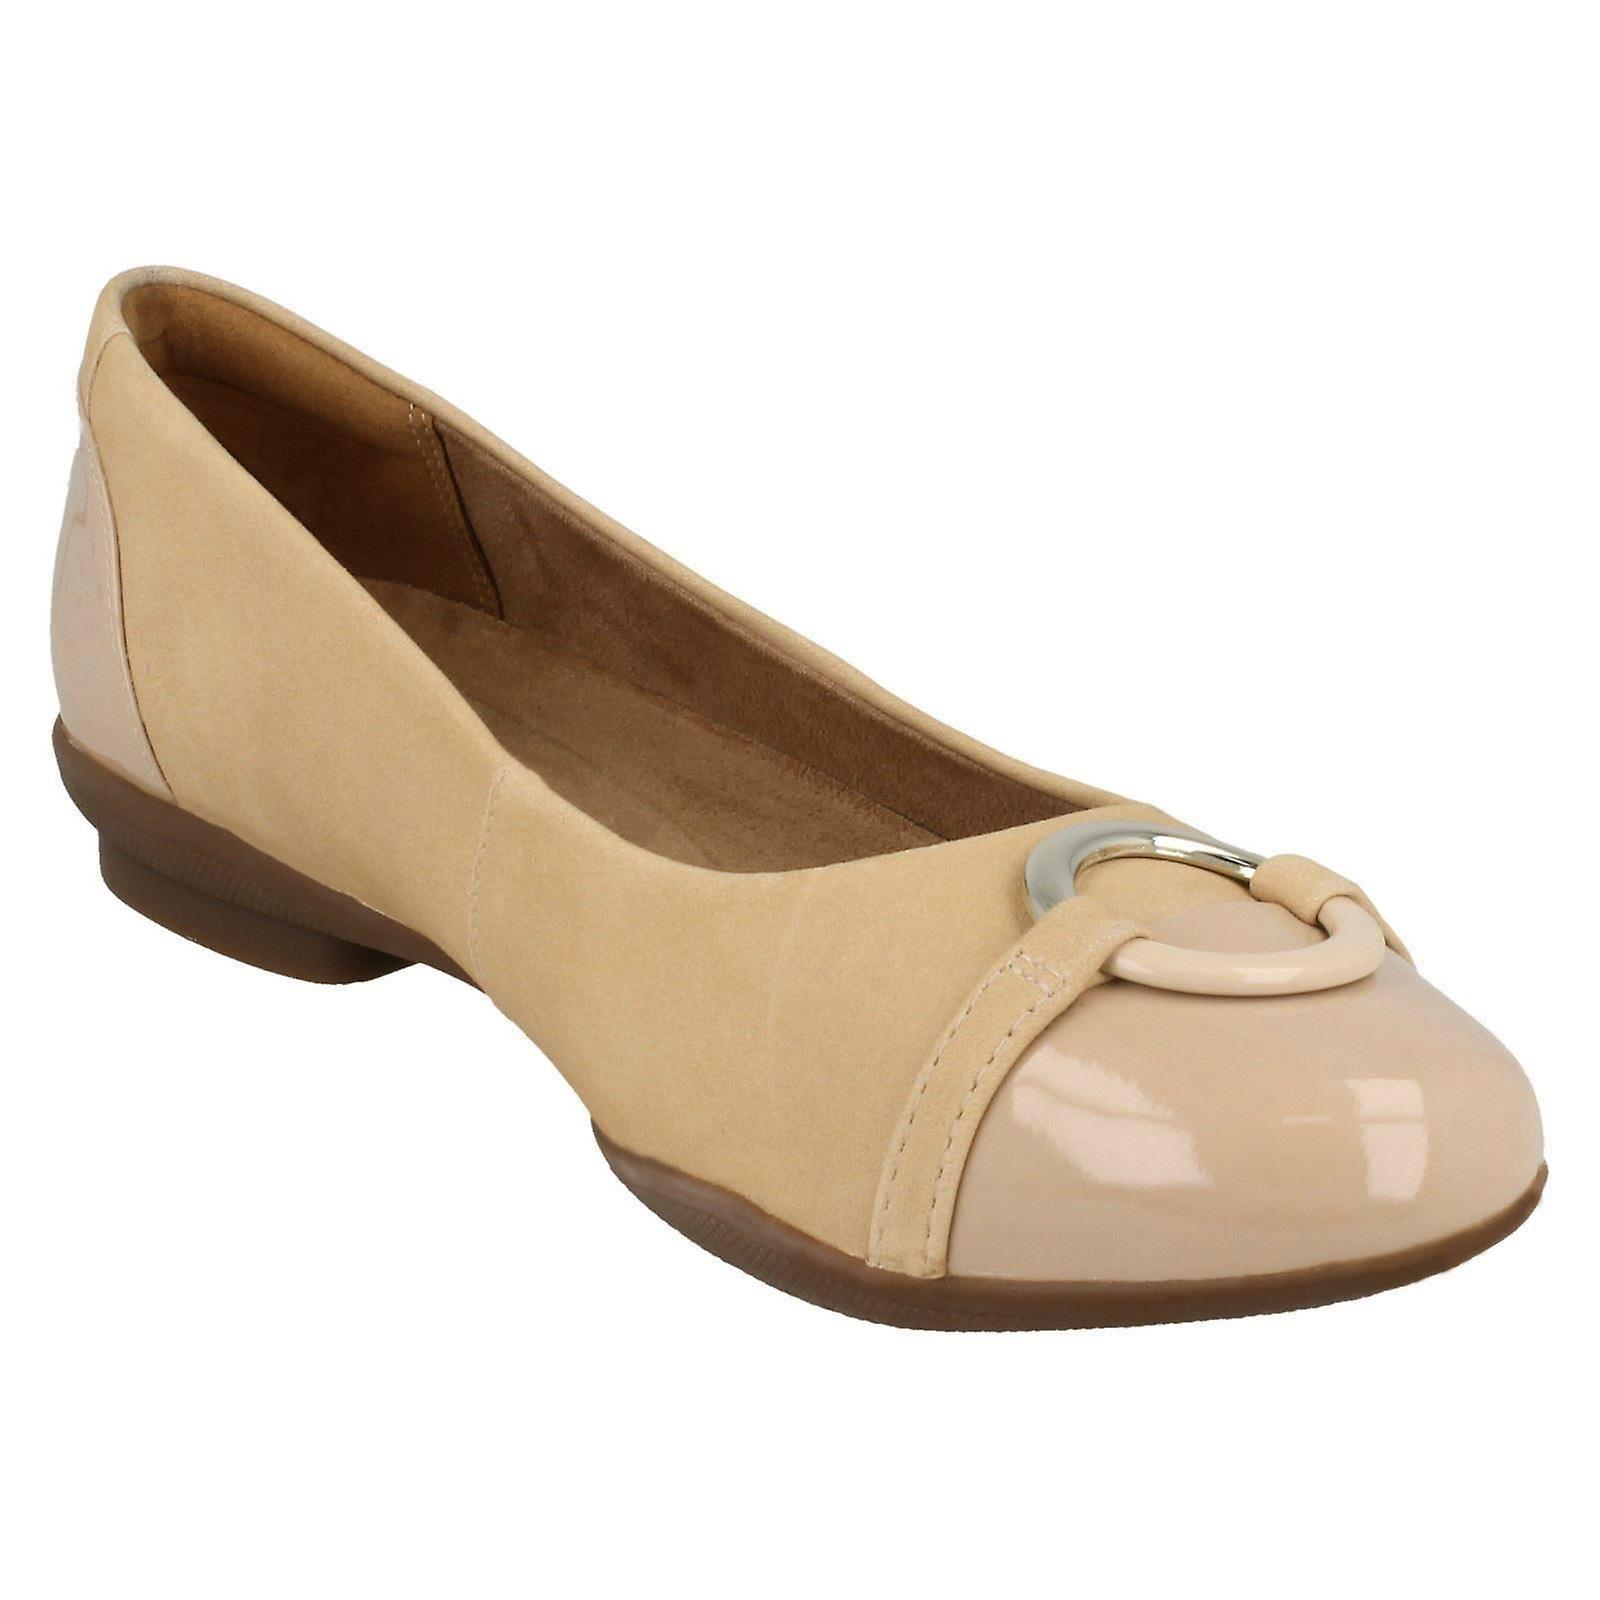 Ladies Clarks Ballerina Flatt Med Ring Detalj Neenah Vine - Naken Kombi Uk Størrelse 7e Eu 41 Usa 9.5w